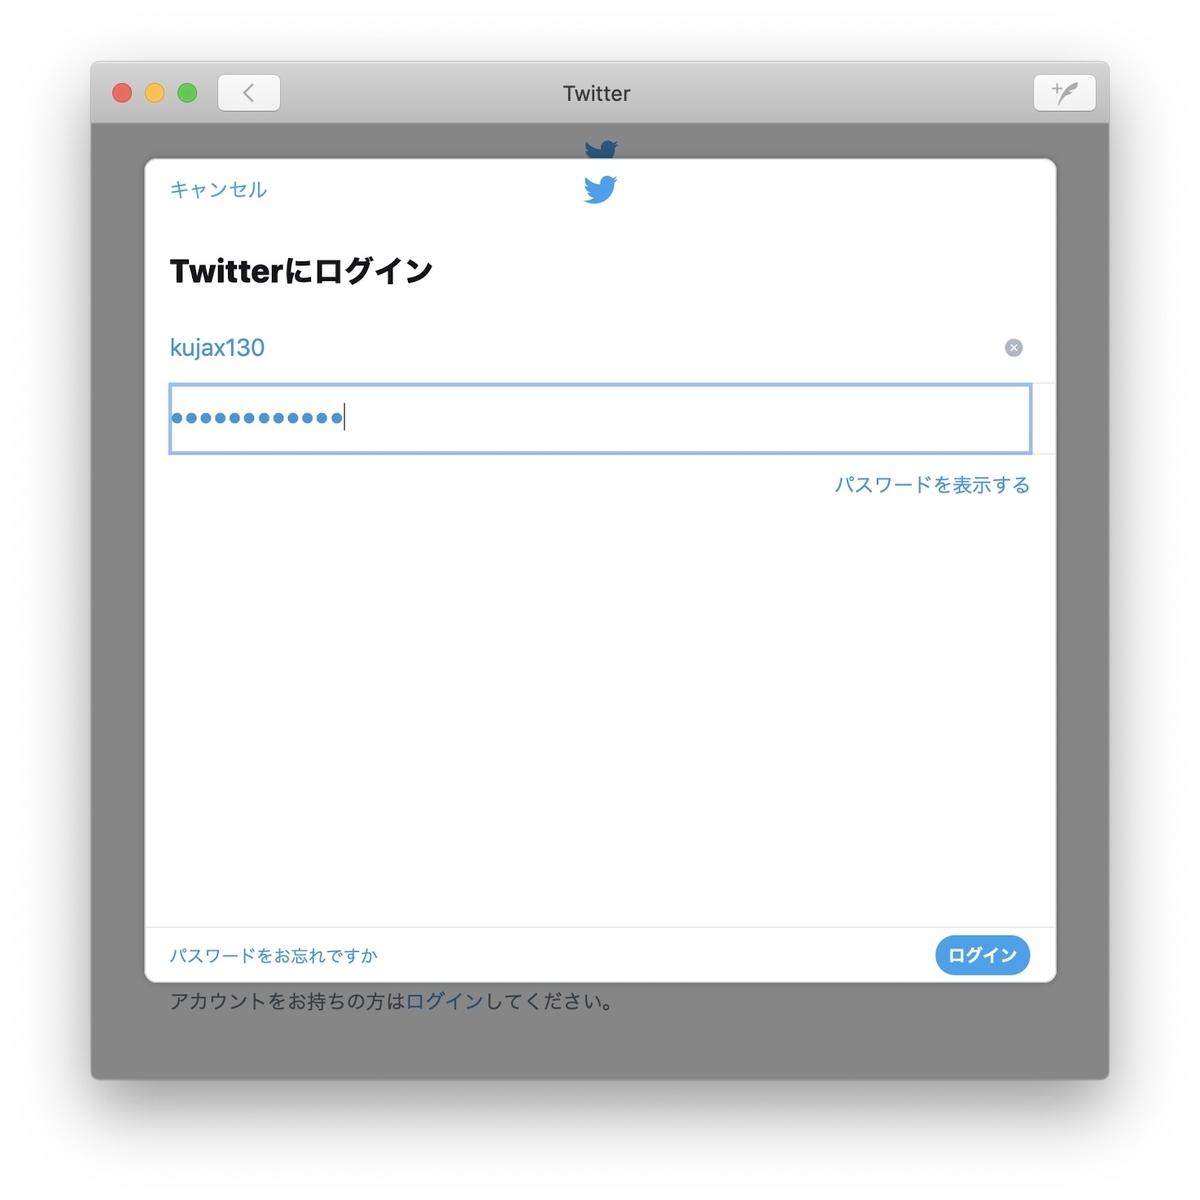 f:id:kjx130:20191217164034j:plain